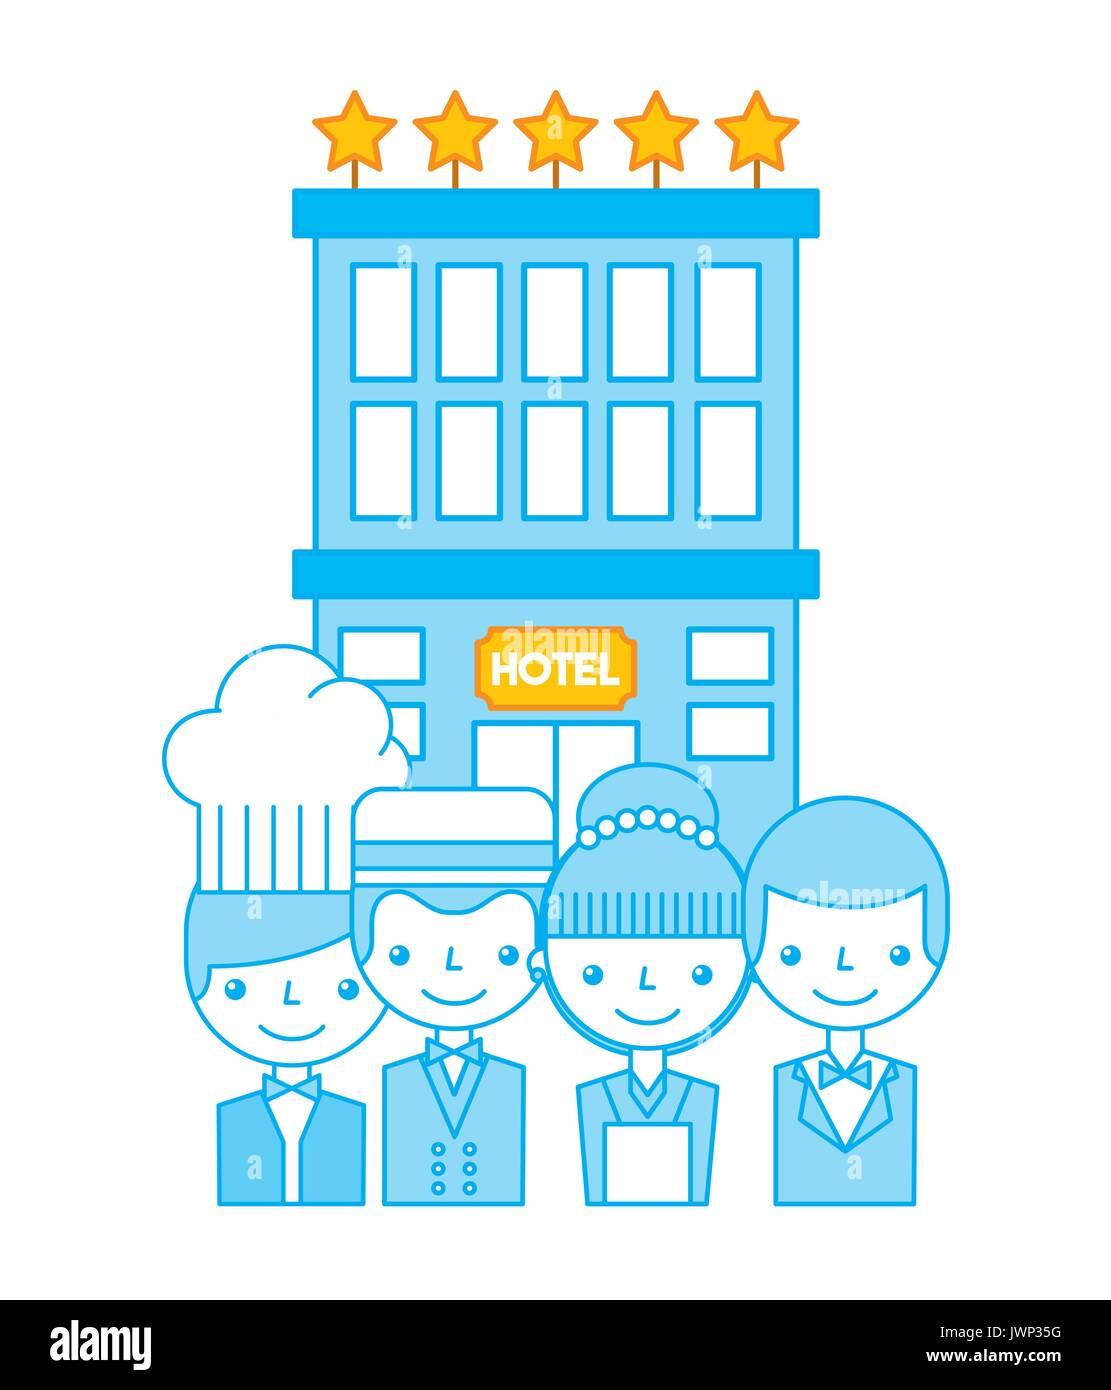 Luxury hotel rest break - Stock Vector